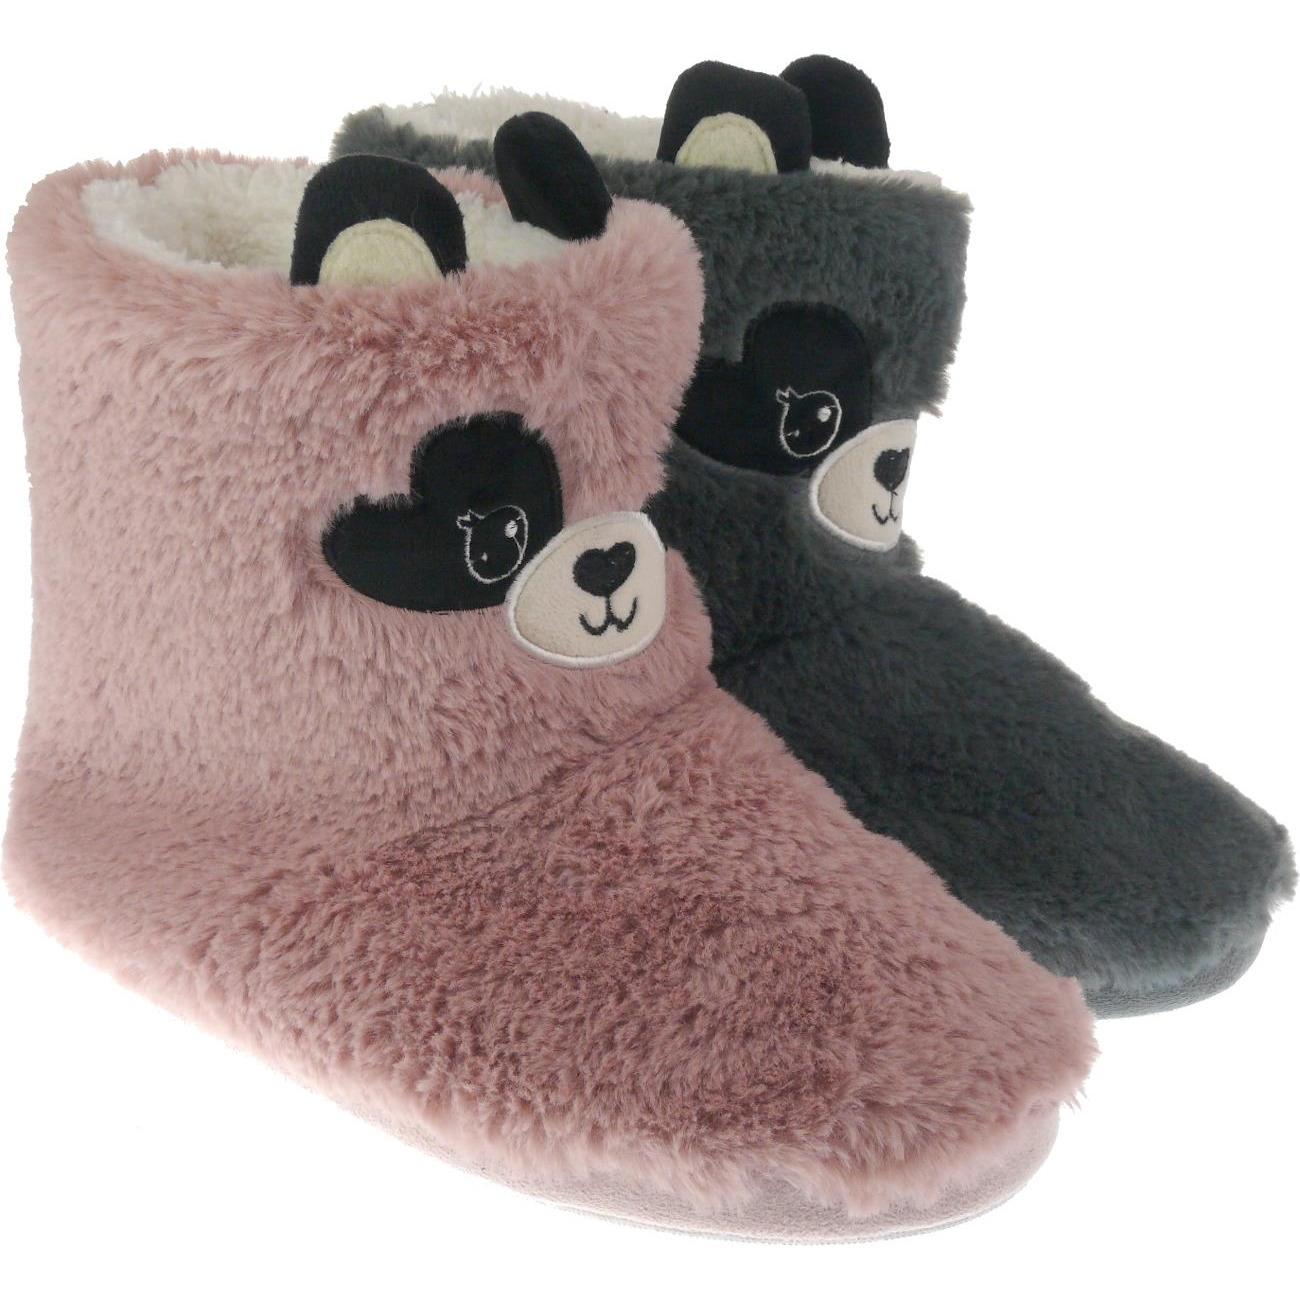 Afbeelding Warme pluche muis/muizen dieren sloffen/pantoffels voor dames roze door Animals Giftshop